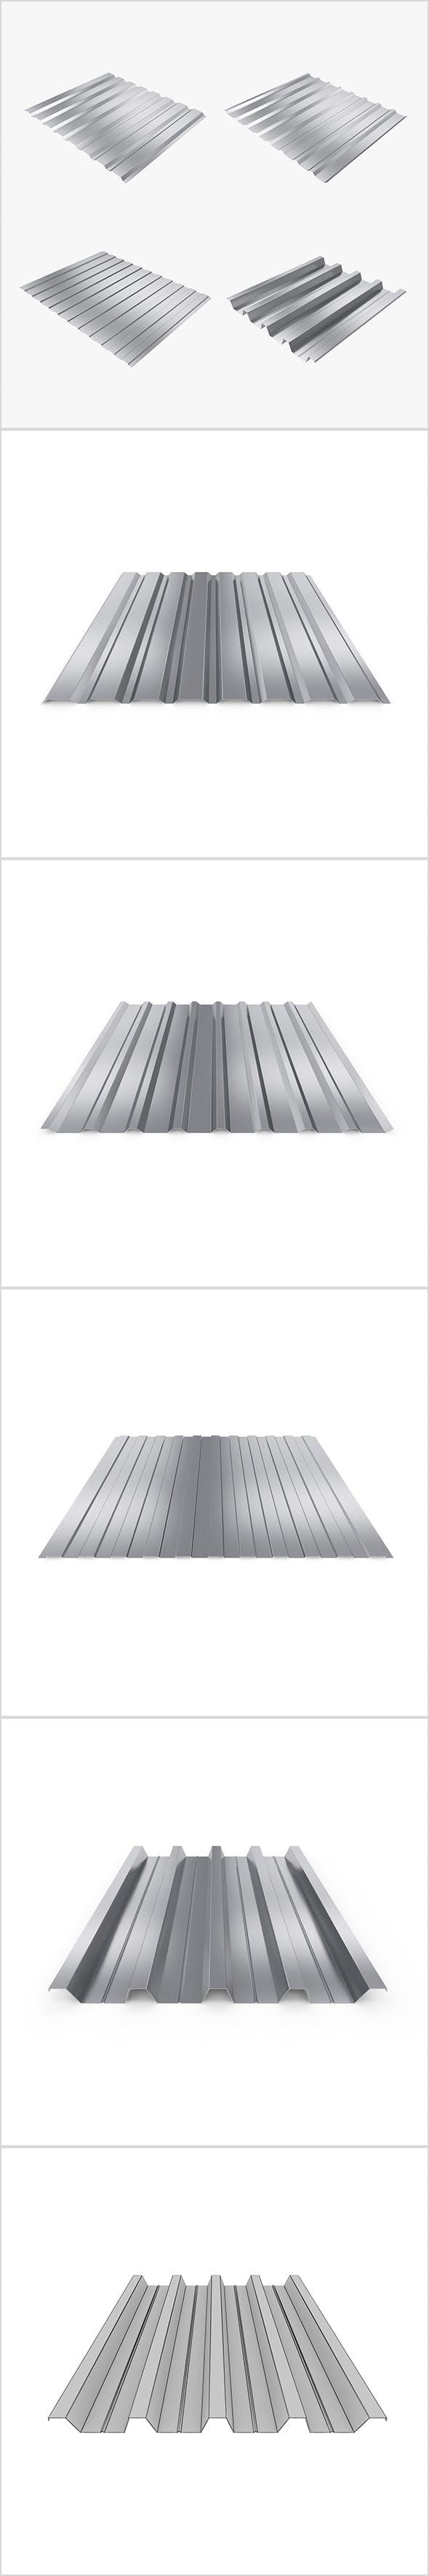 Profiled sheet set - 3DOcean Item for Sale